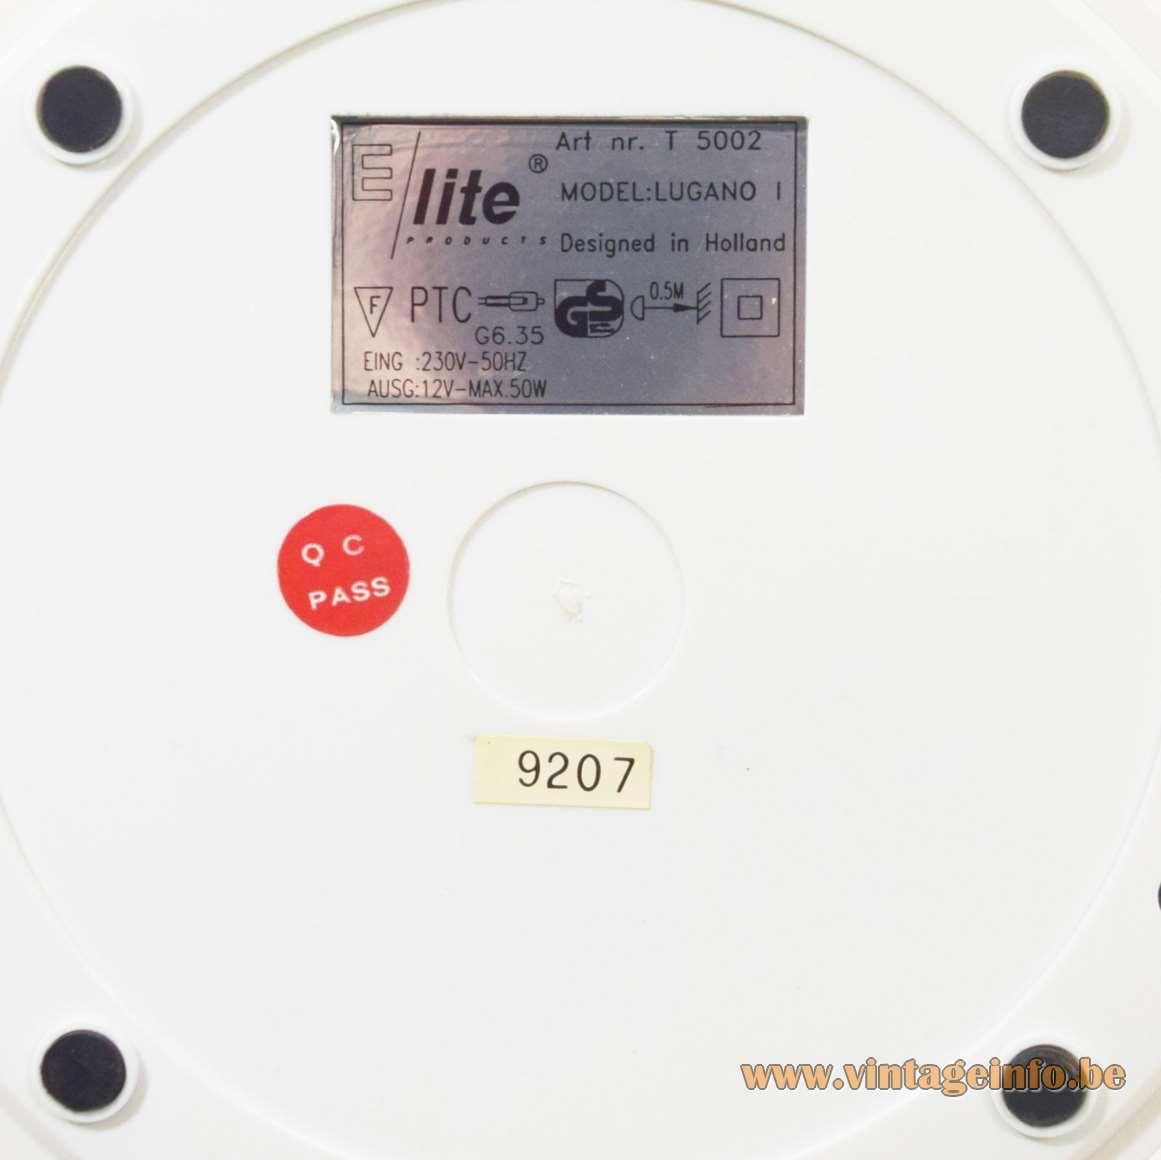 E Lite Lugano Desk Lamp - Label